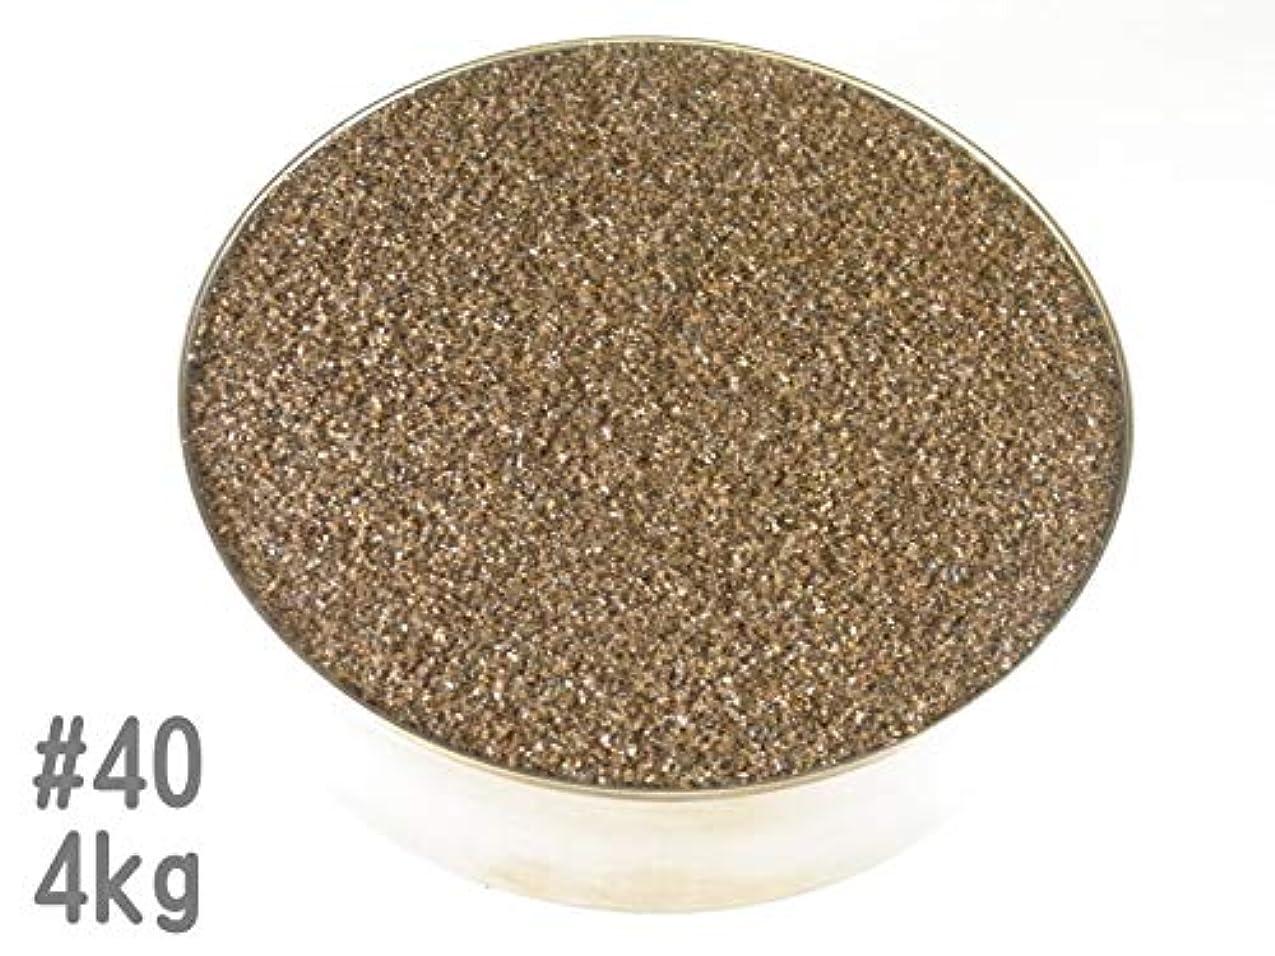 学士不良腹痛#40 (4kg) アルミナサンド/アルミナメディア/砂/褐色アルミナ サンドブラスト用(番手サイズは7種類から #40#60#80#100#120#180#220 )